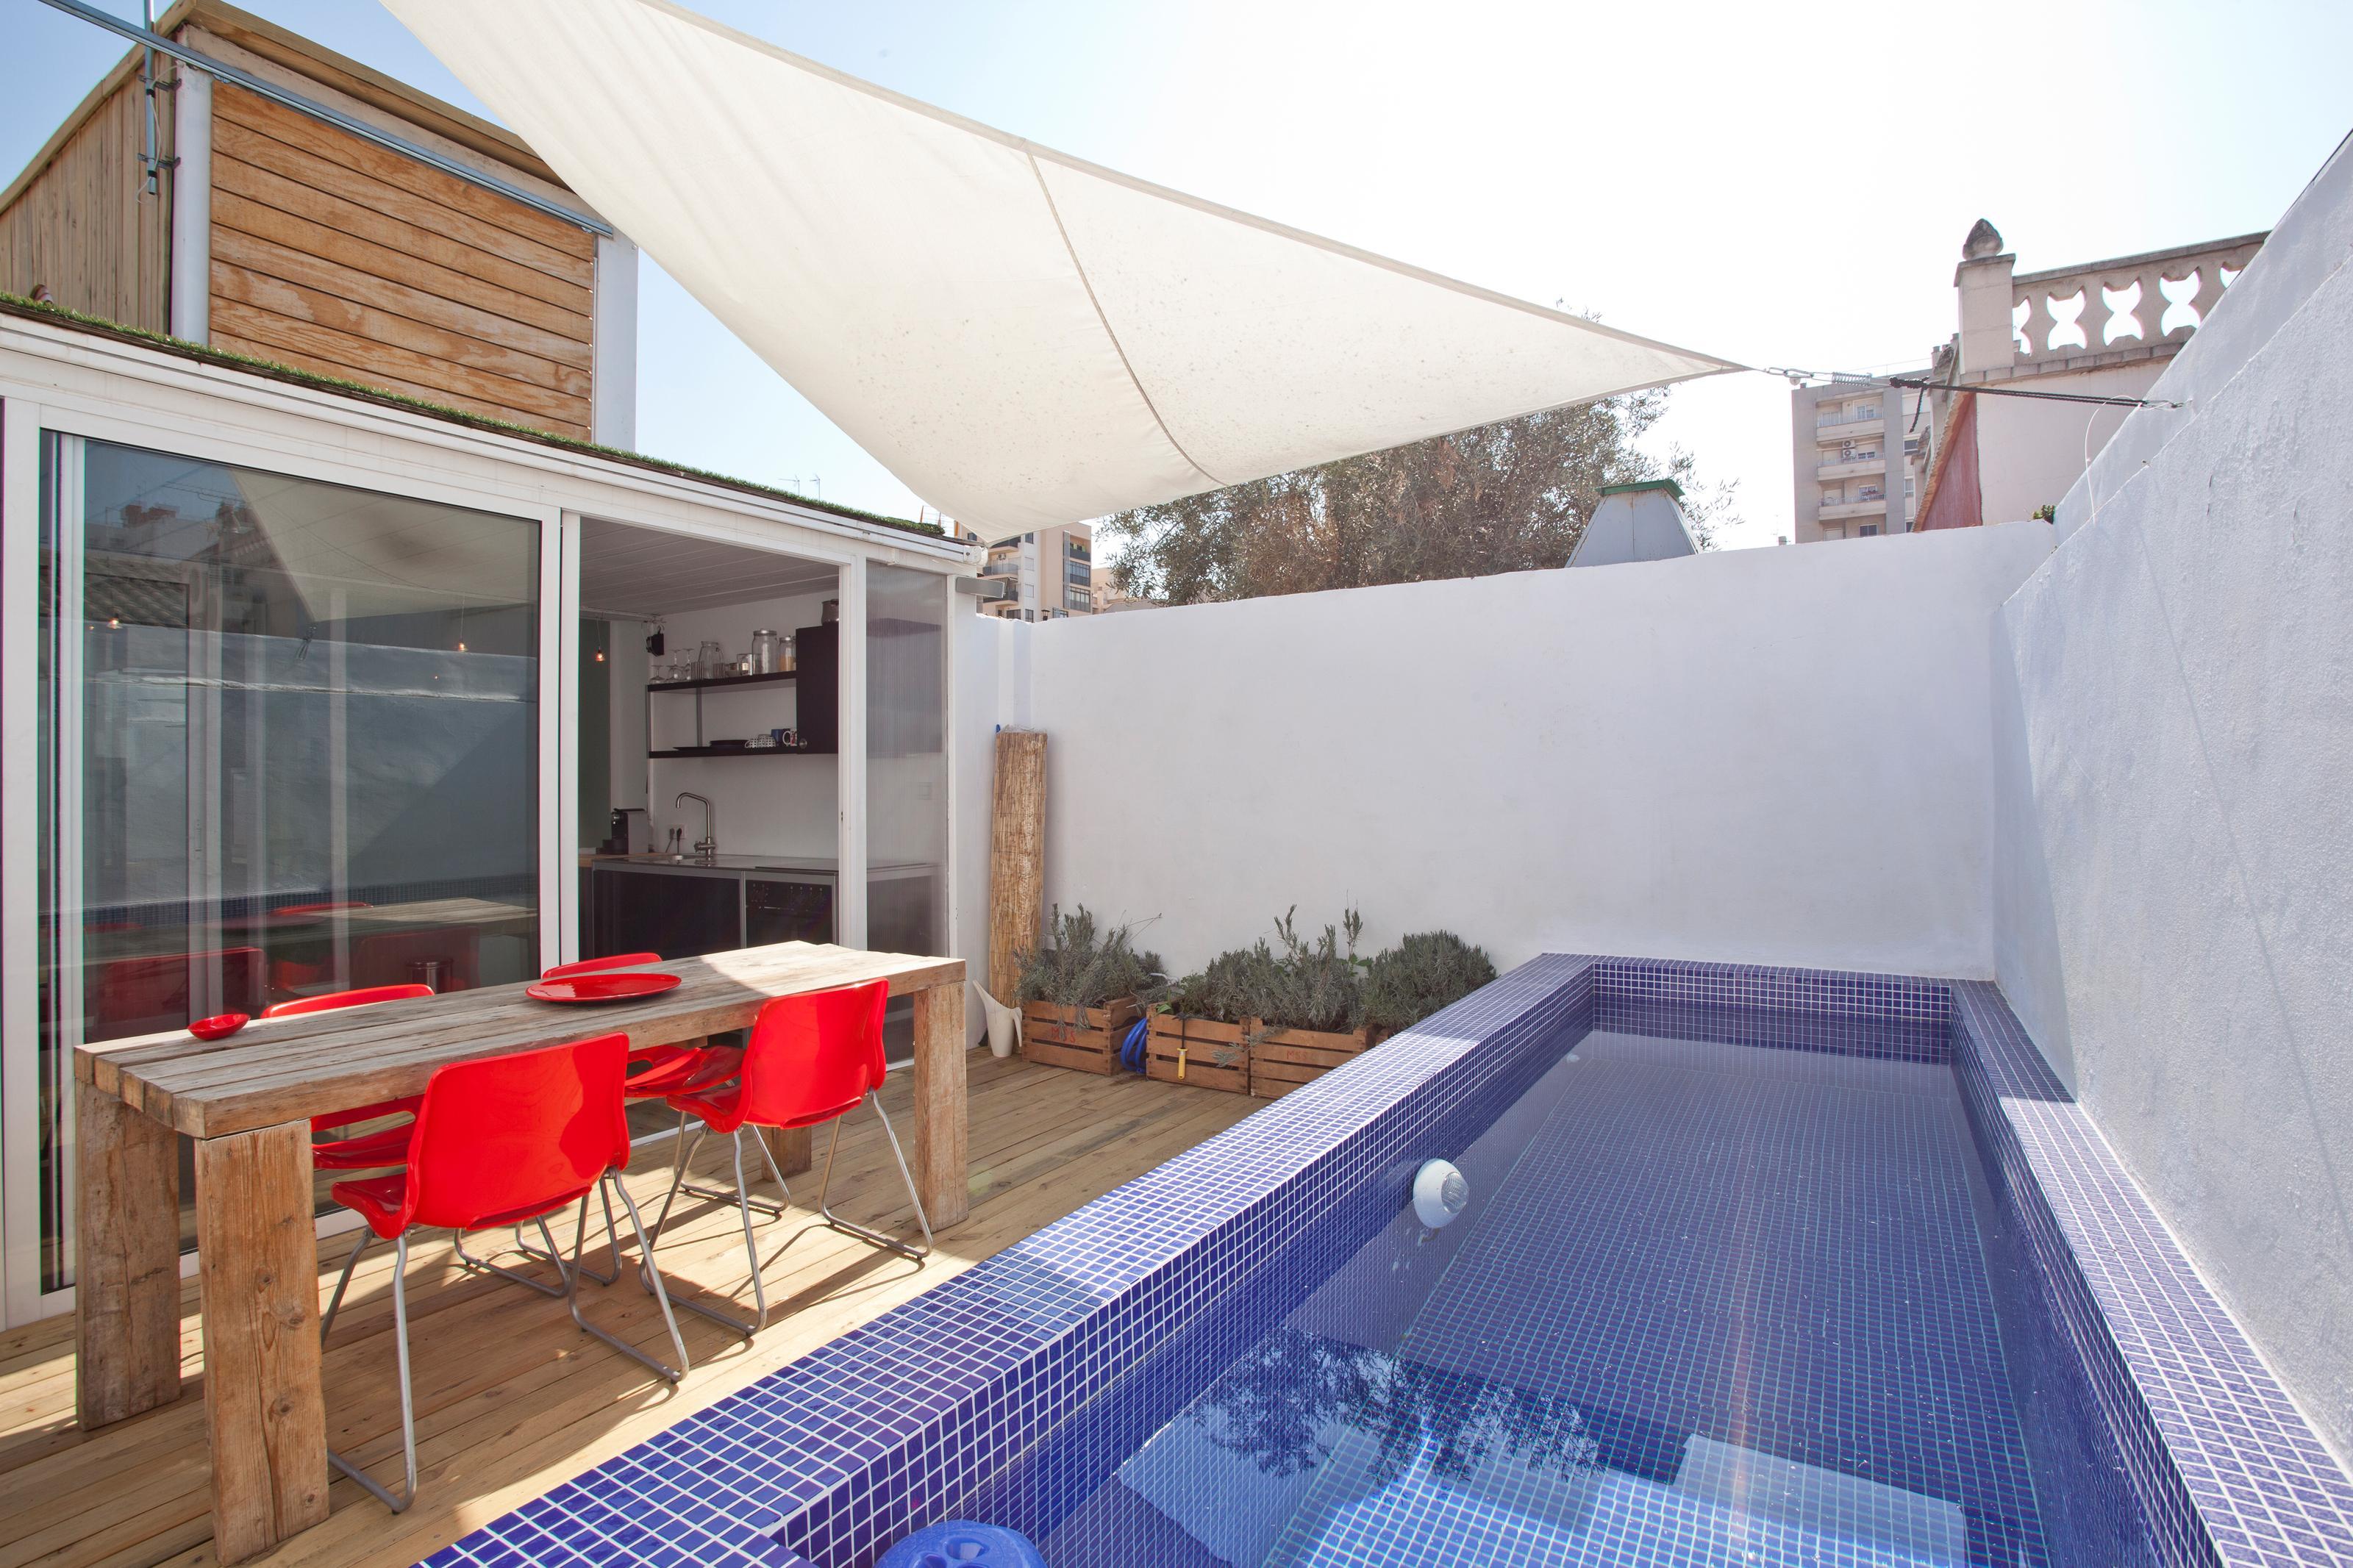 Sonnensegelterasse Bilder Ideen Couch